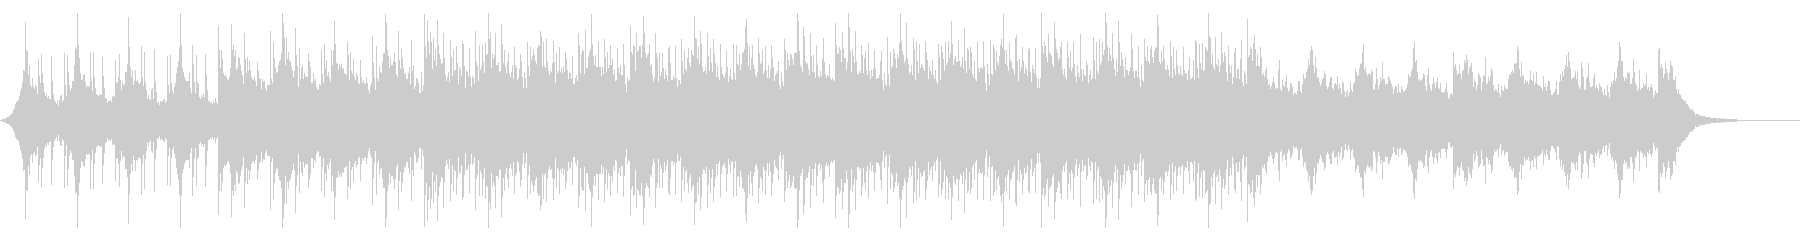 ウェディング3 Dショート、キラキラの未再生の波形